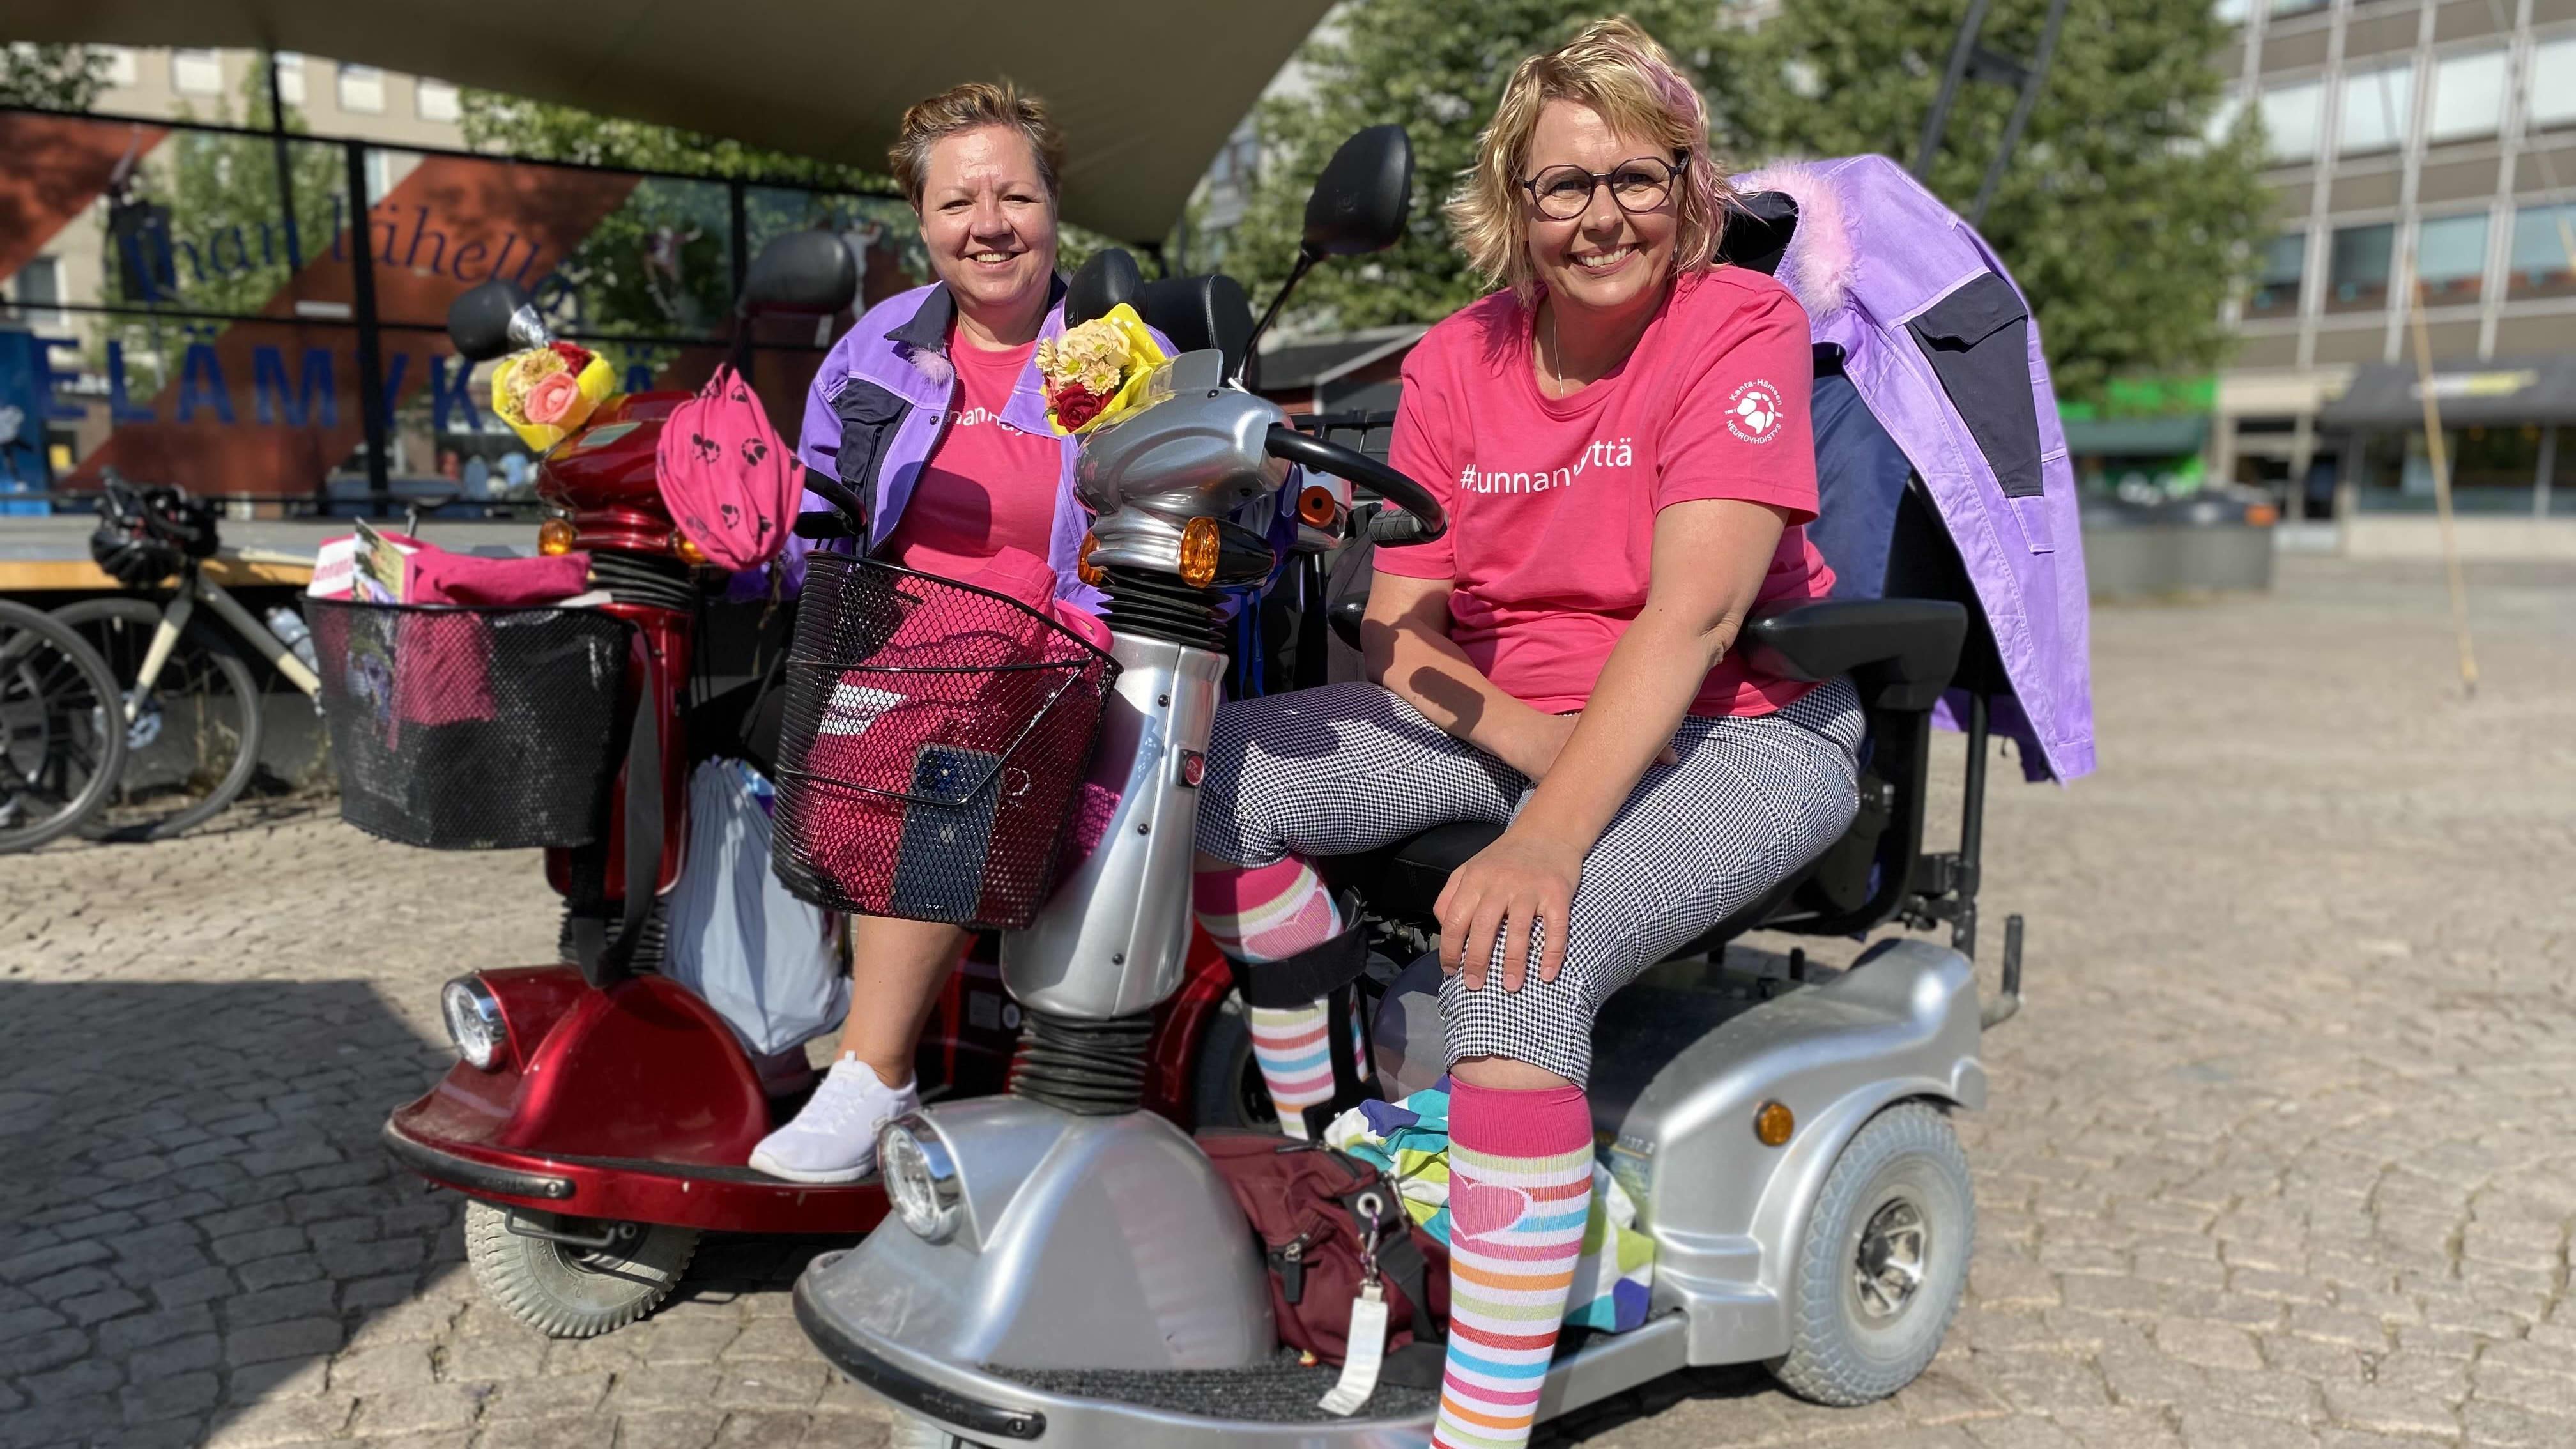 Paula Helin ja PIa-Nina Mohr istuvat sähkömopoissaan aurinkoisella Hämeenlinnan torilla